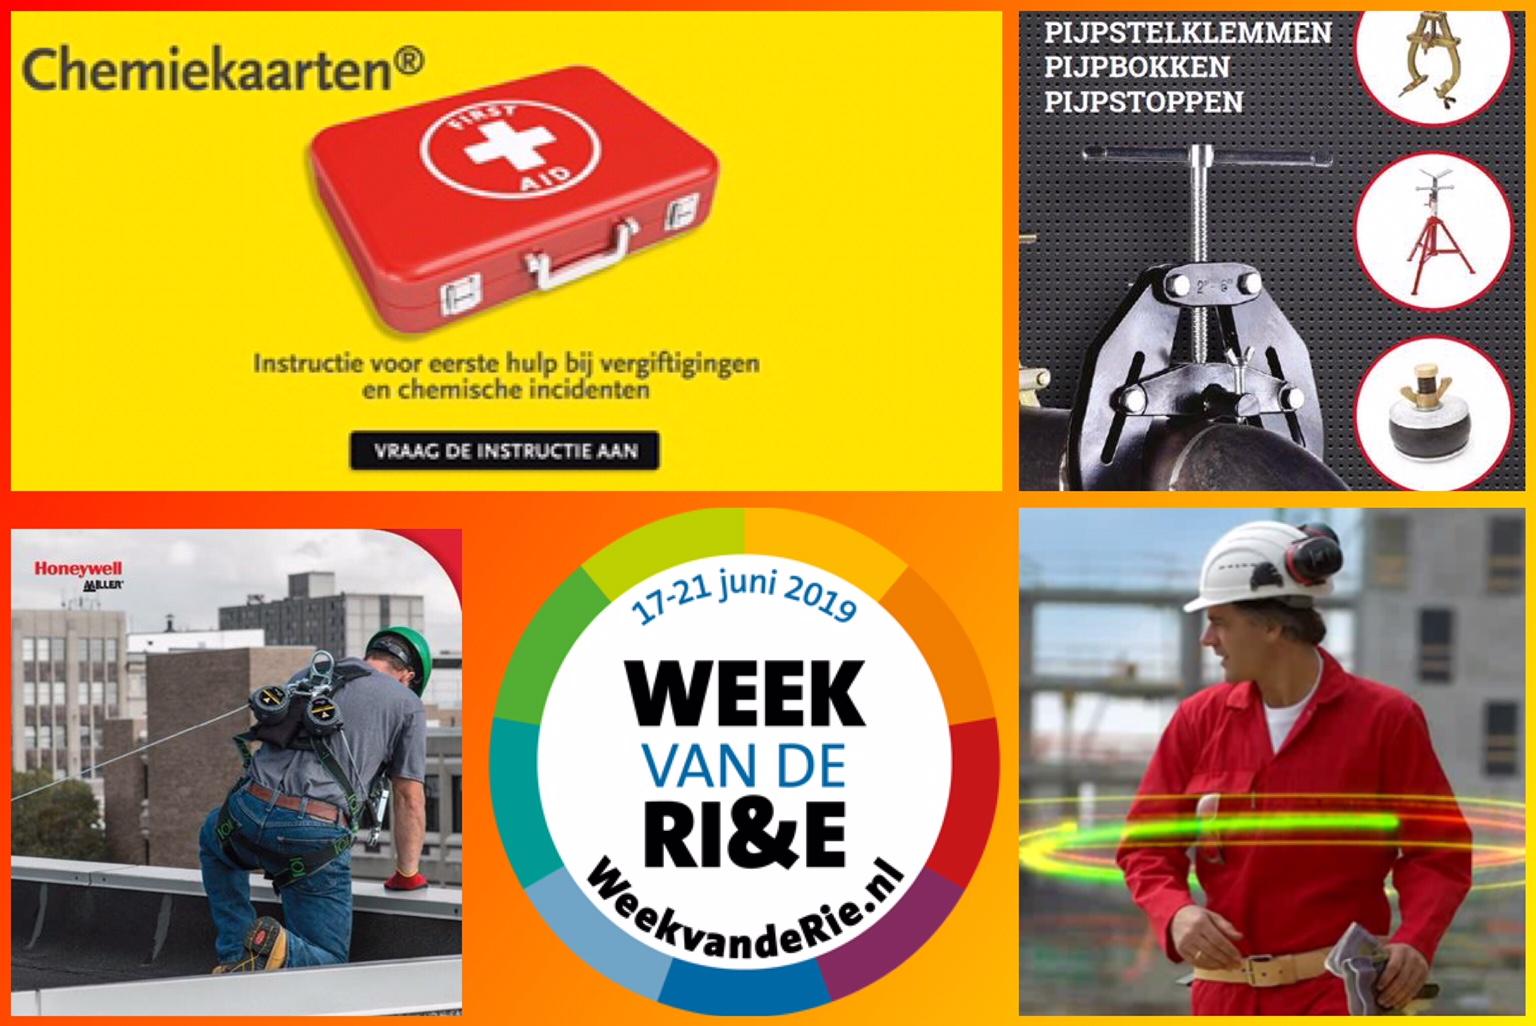 NIEUWSBRIEF: Week van de RI&E